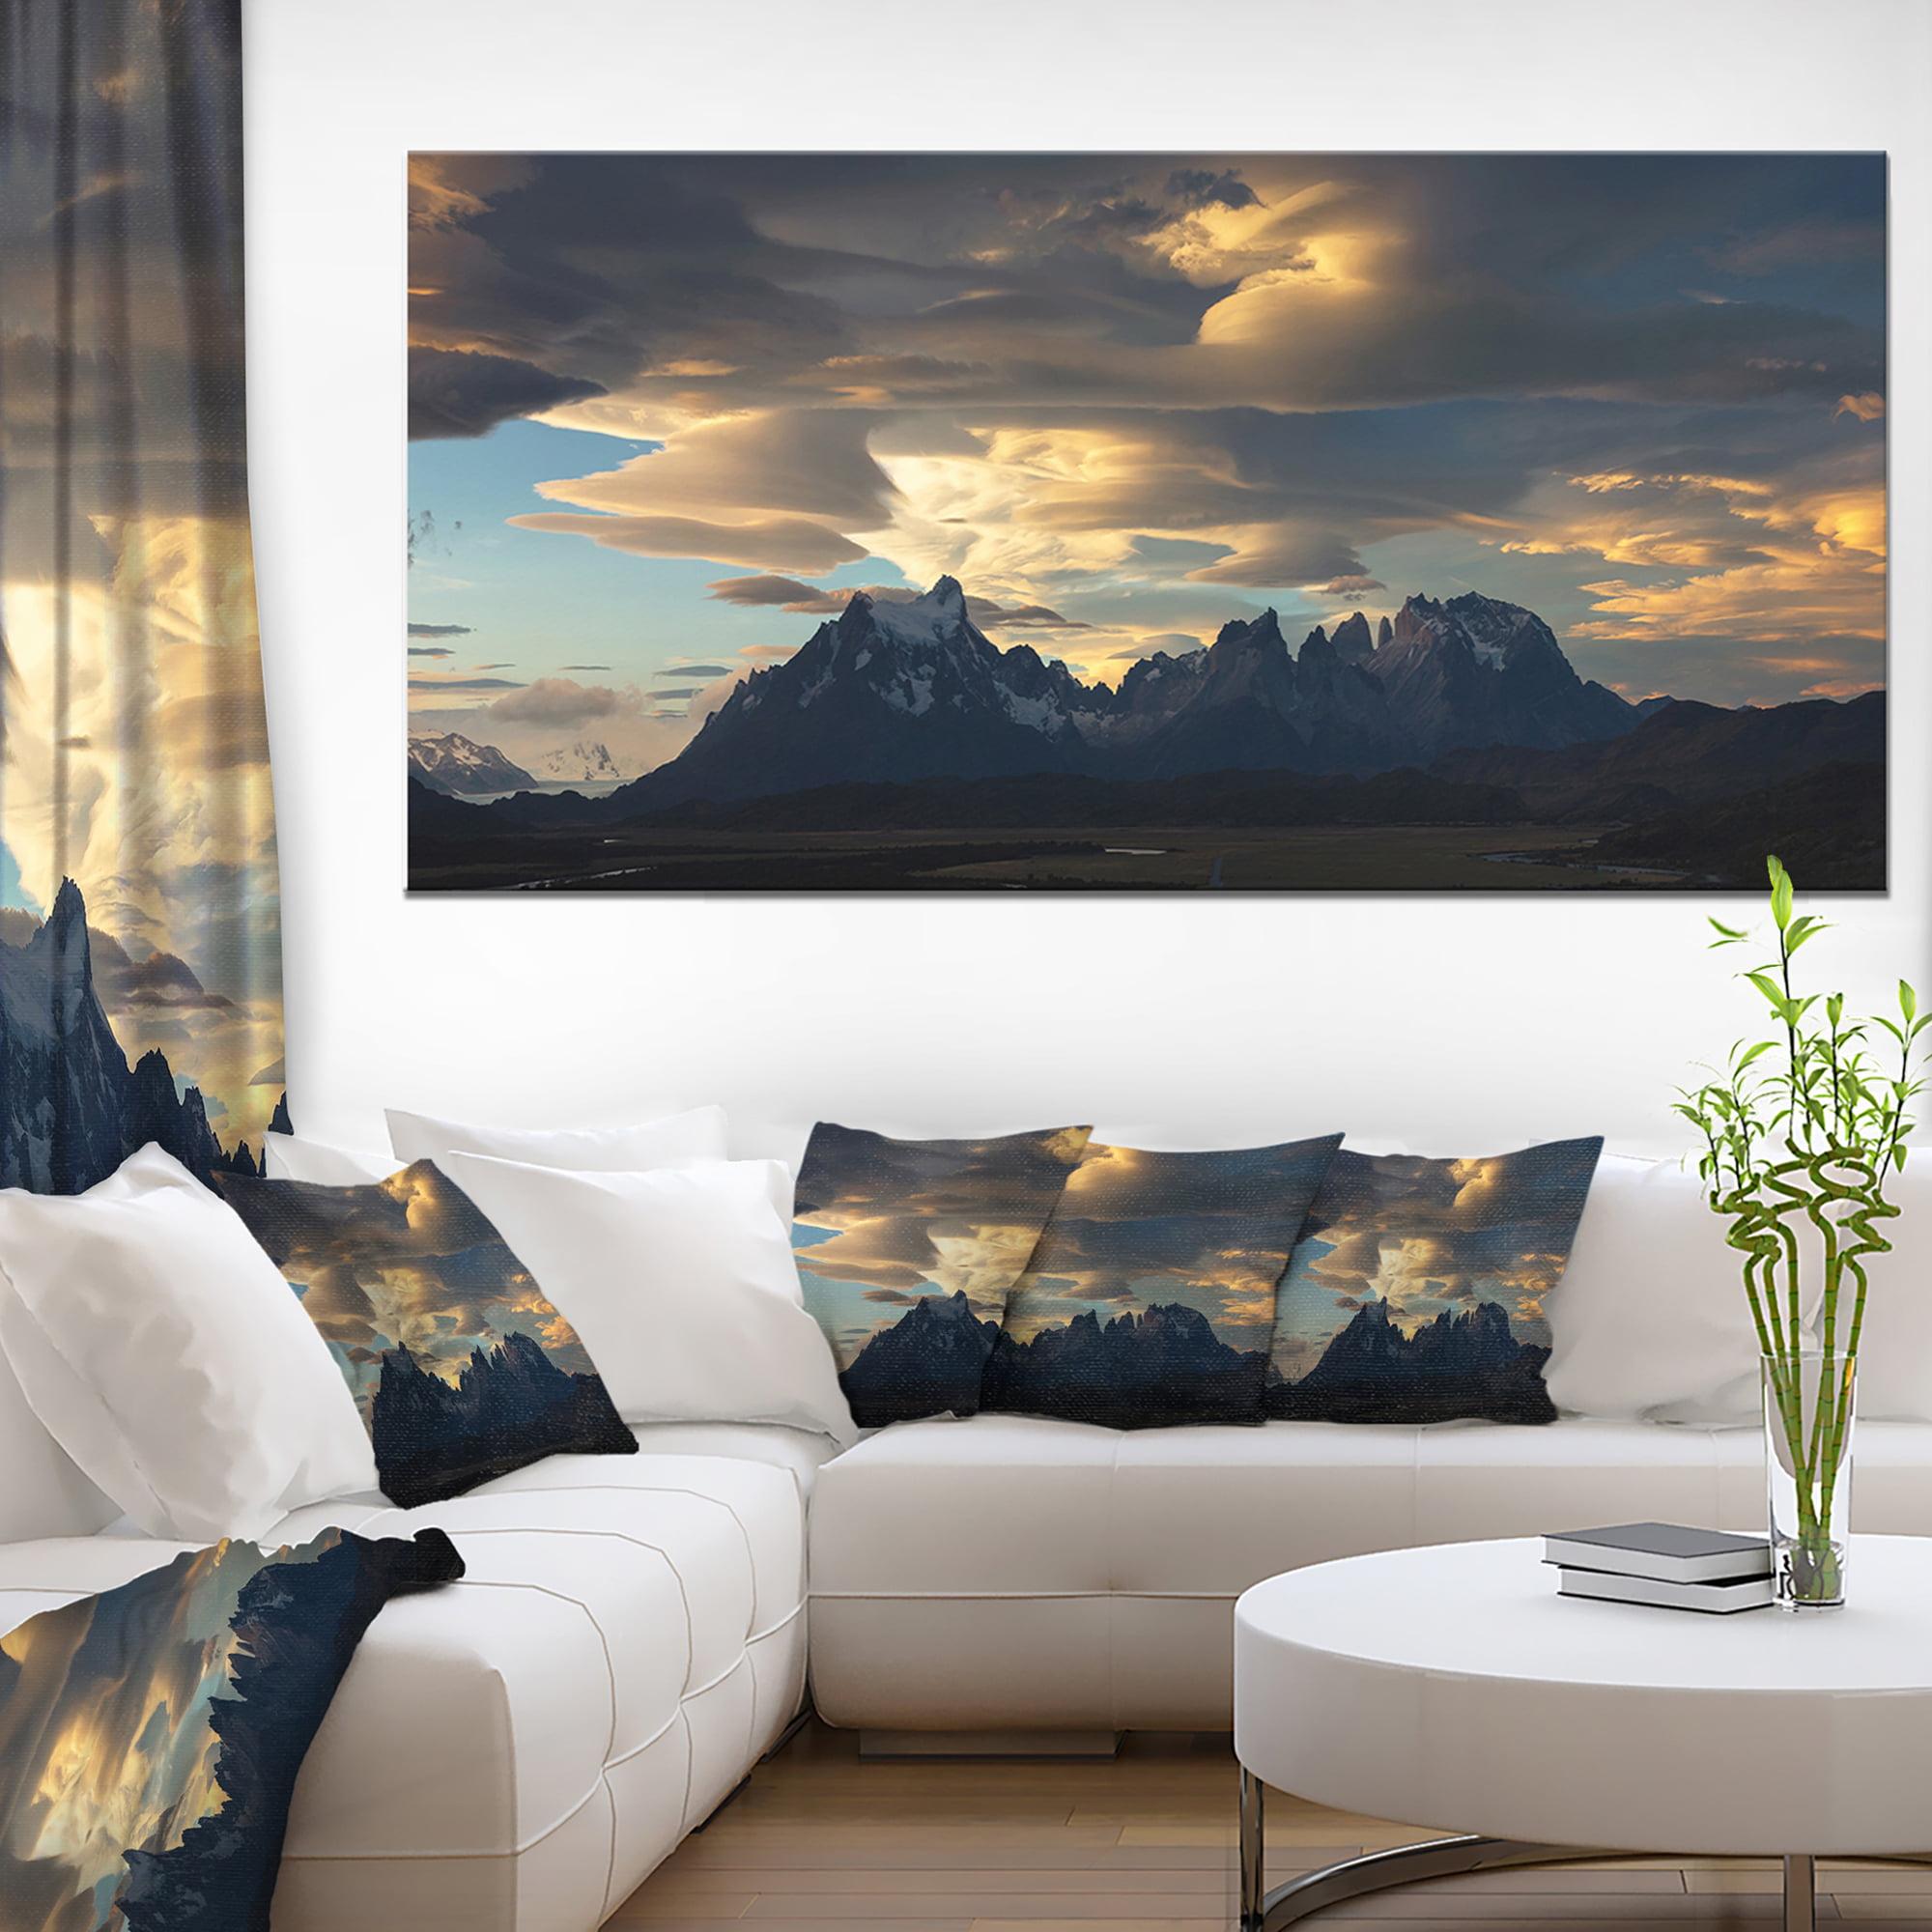 Torres del Paine National Park - Landscape Artwork Canvas - image 3 de 3